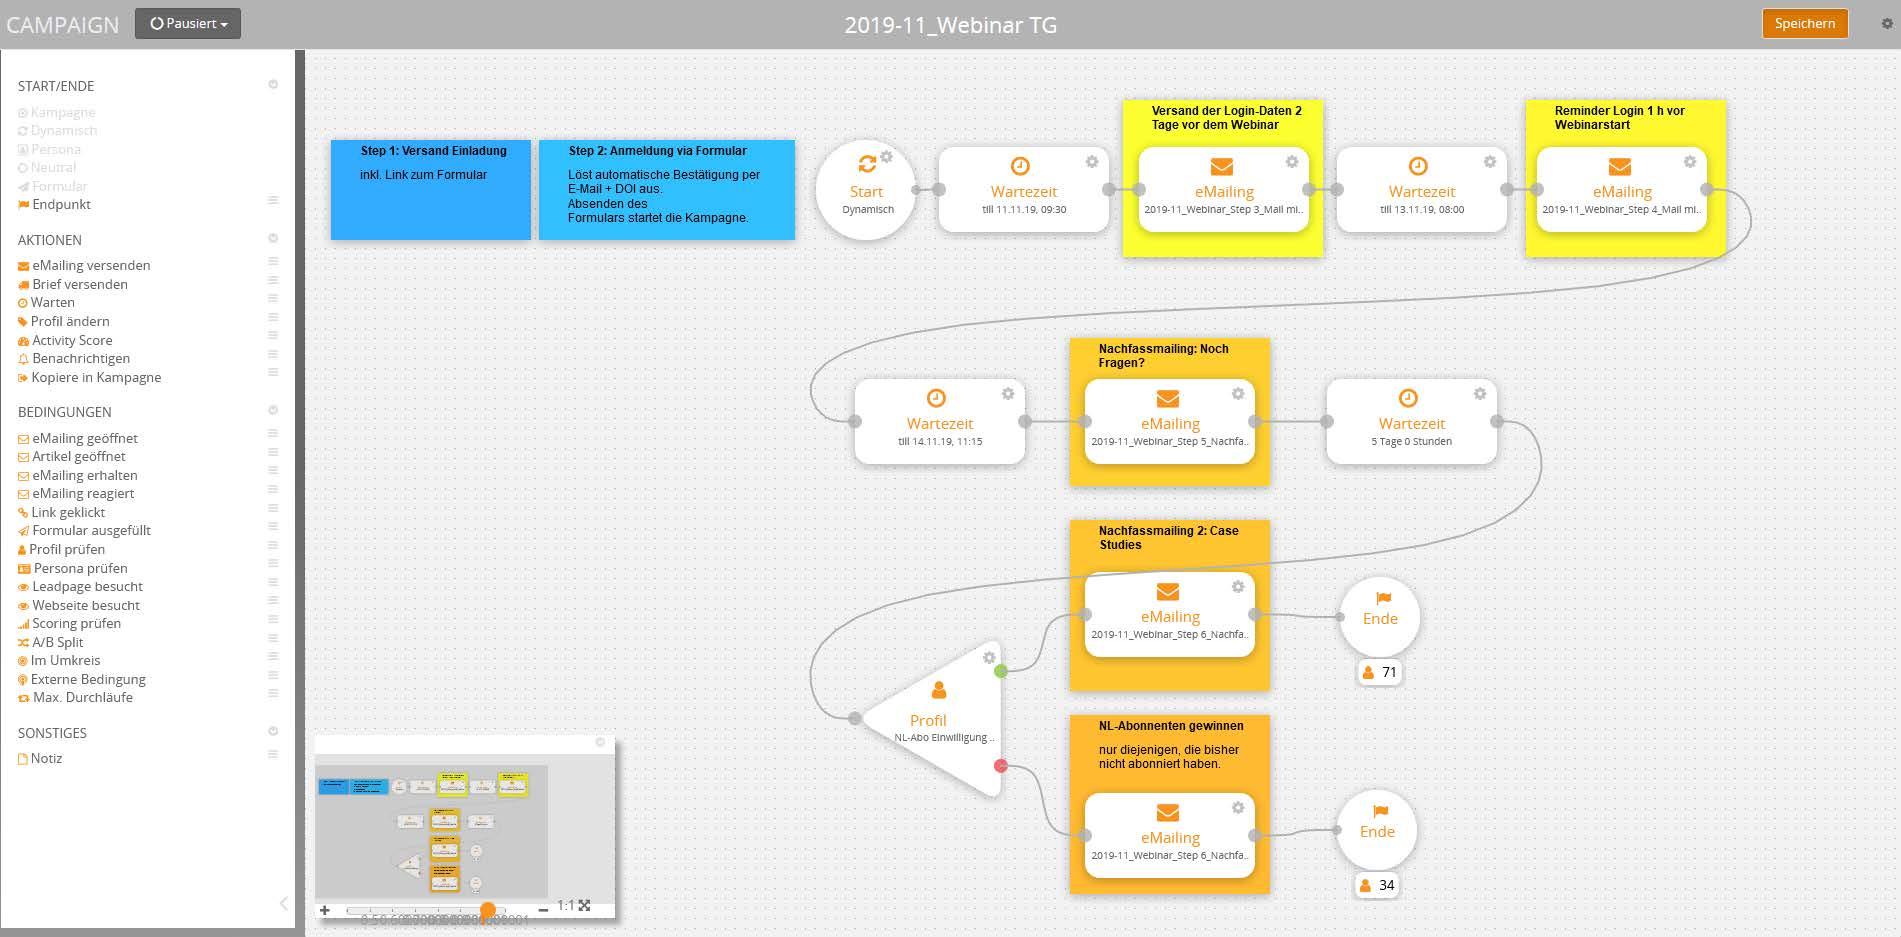 Webinar-Prozesse: von der Einladung bis zum Versand der Aufzeichnung (Quelle: von Rundstedt)